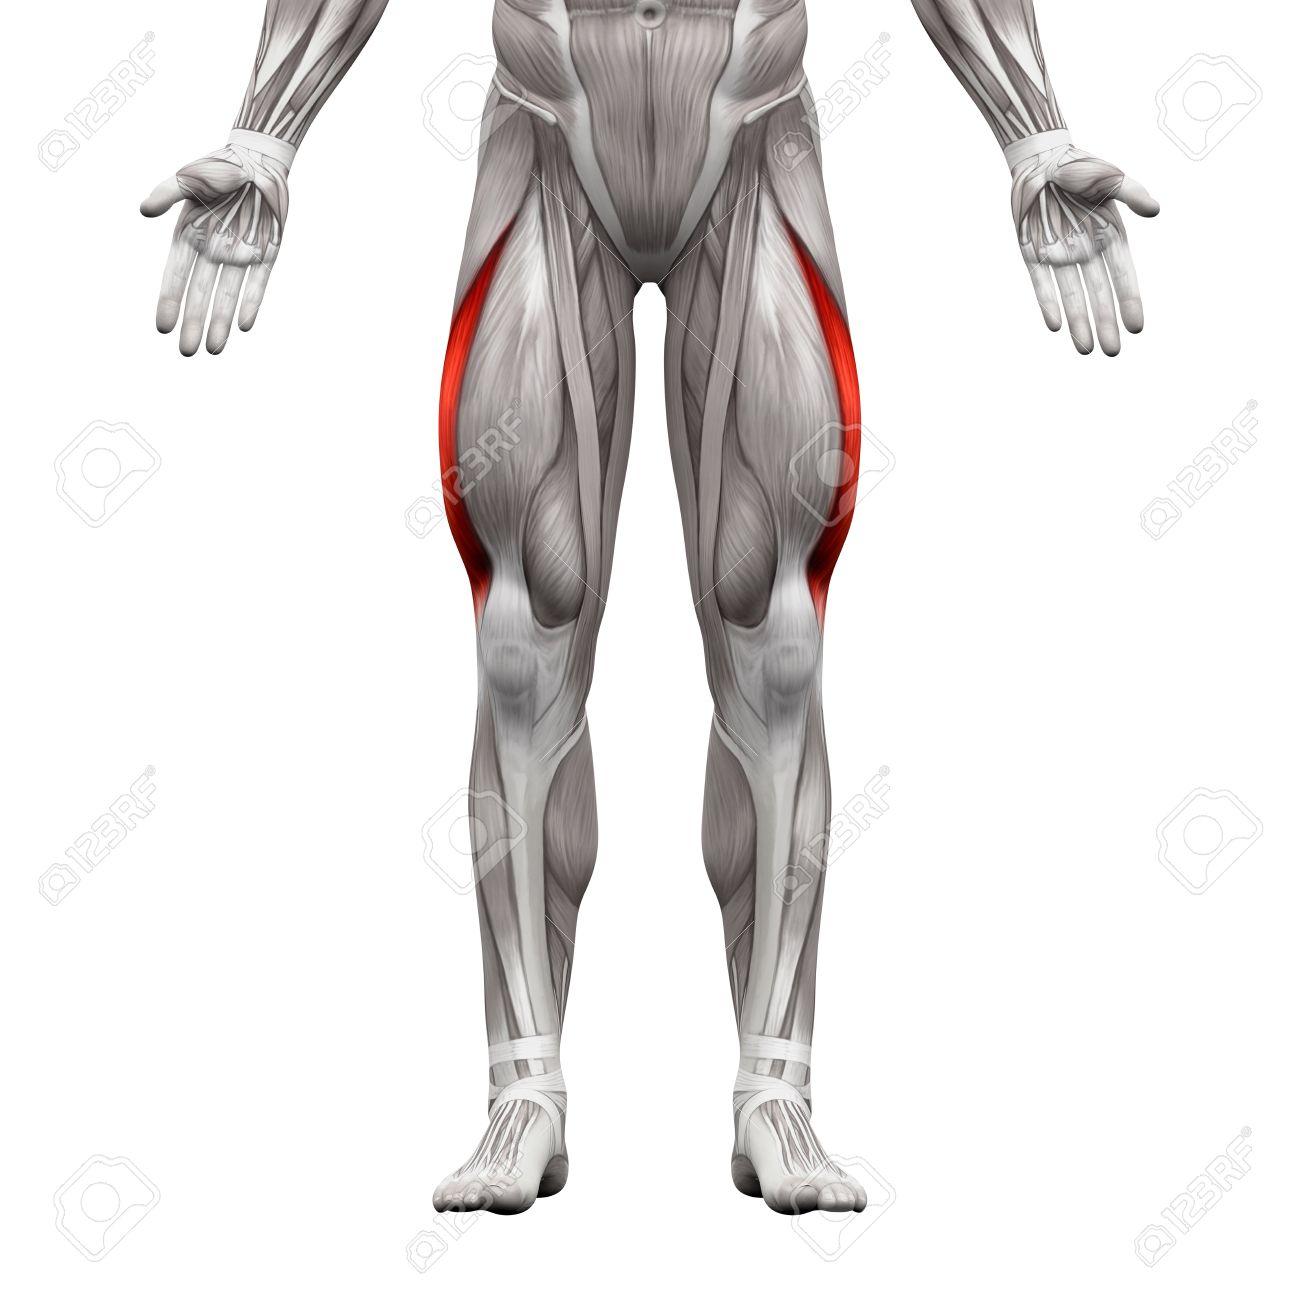 M. Vastus Lateralis - Anatomie Muskeln Isoliert Auf Weiß - 3D ...